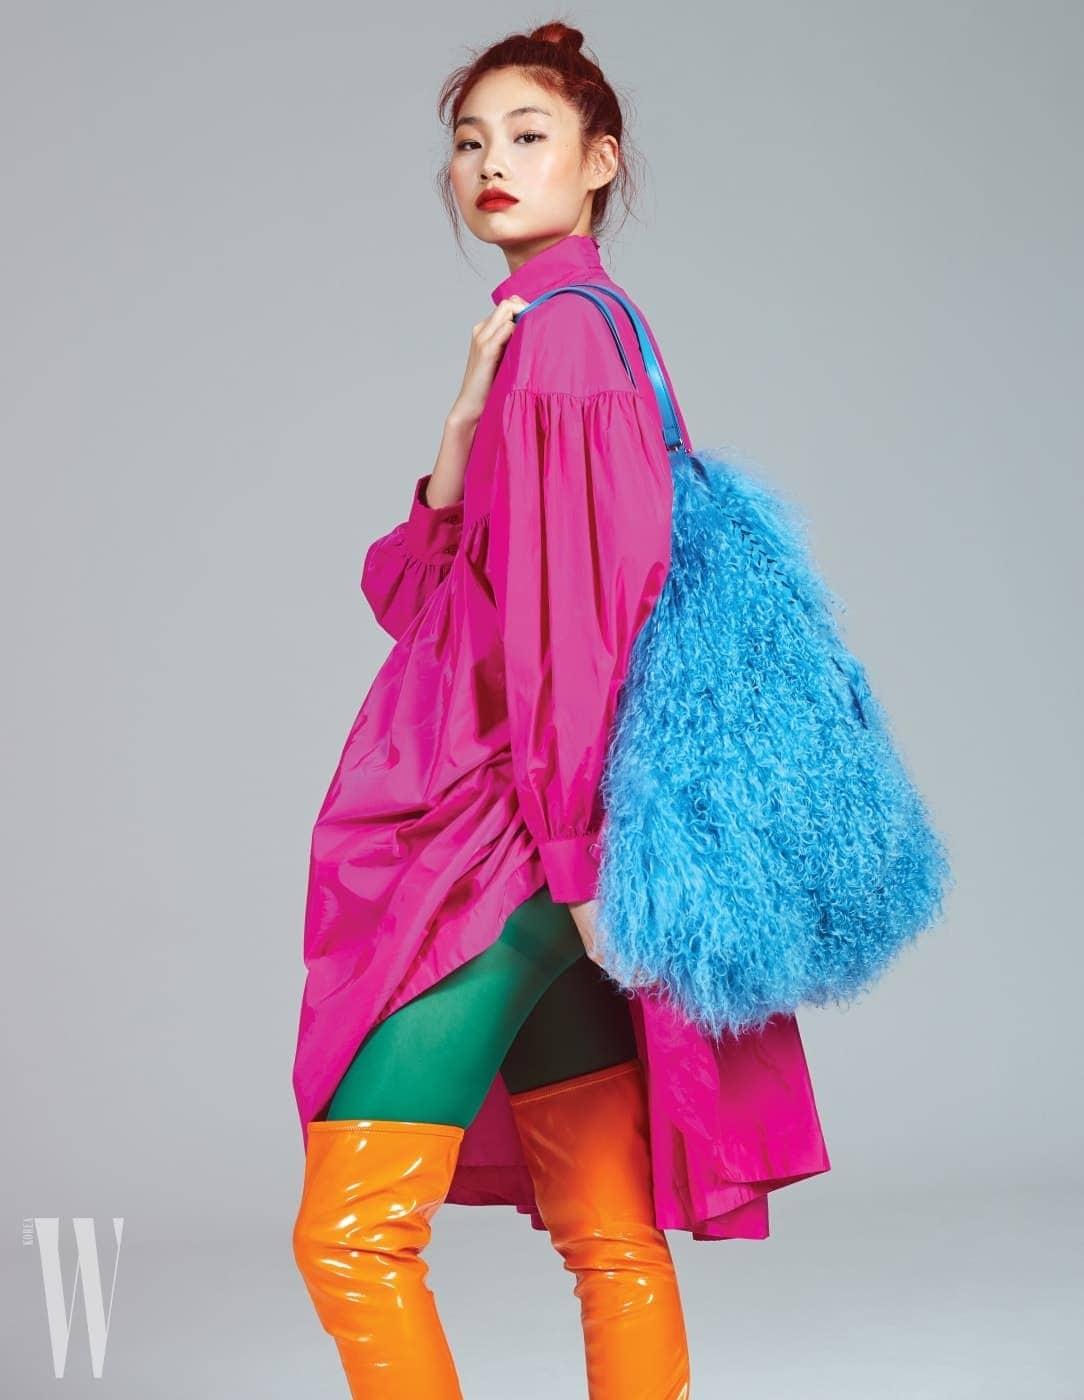 팔에 풍성한 볼륨이 잡힌 핫 핑크색 베이비돌 드레스는 겐조 제품. 가격 미정. 페이턴트 소재의 주황색 사이하이 부츠는 루이 비통 제품. 2백만원대.  하늘색의 양털 숄더백은 니나리치 제품. 4백30만원. 초록색 스타킹은 스타일리스트 소장품.